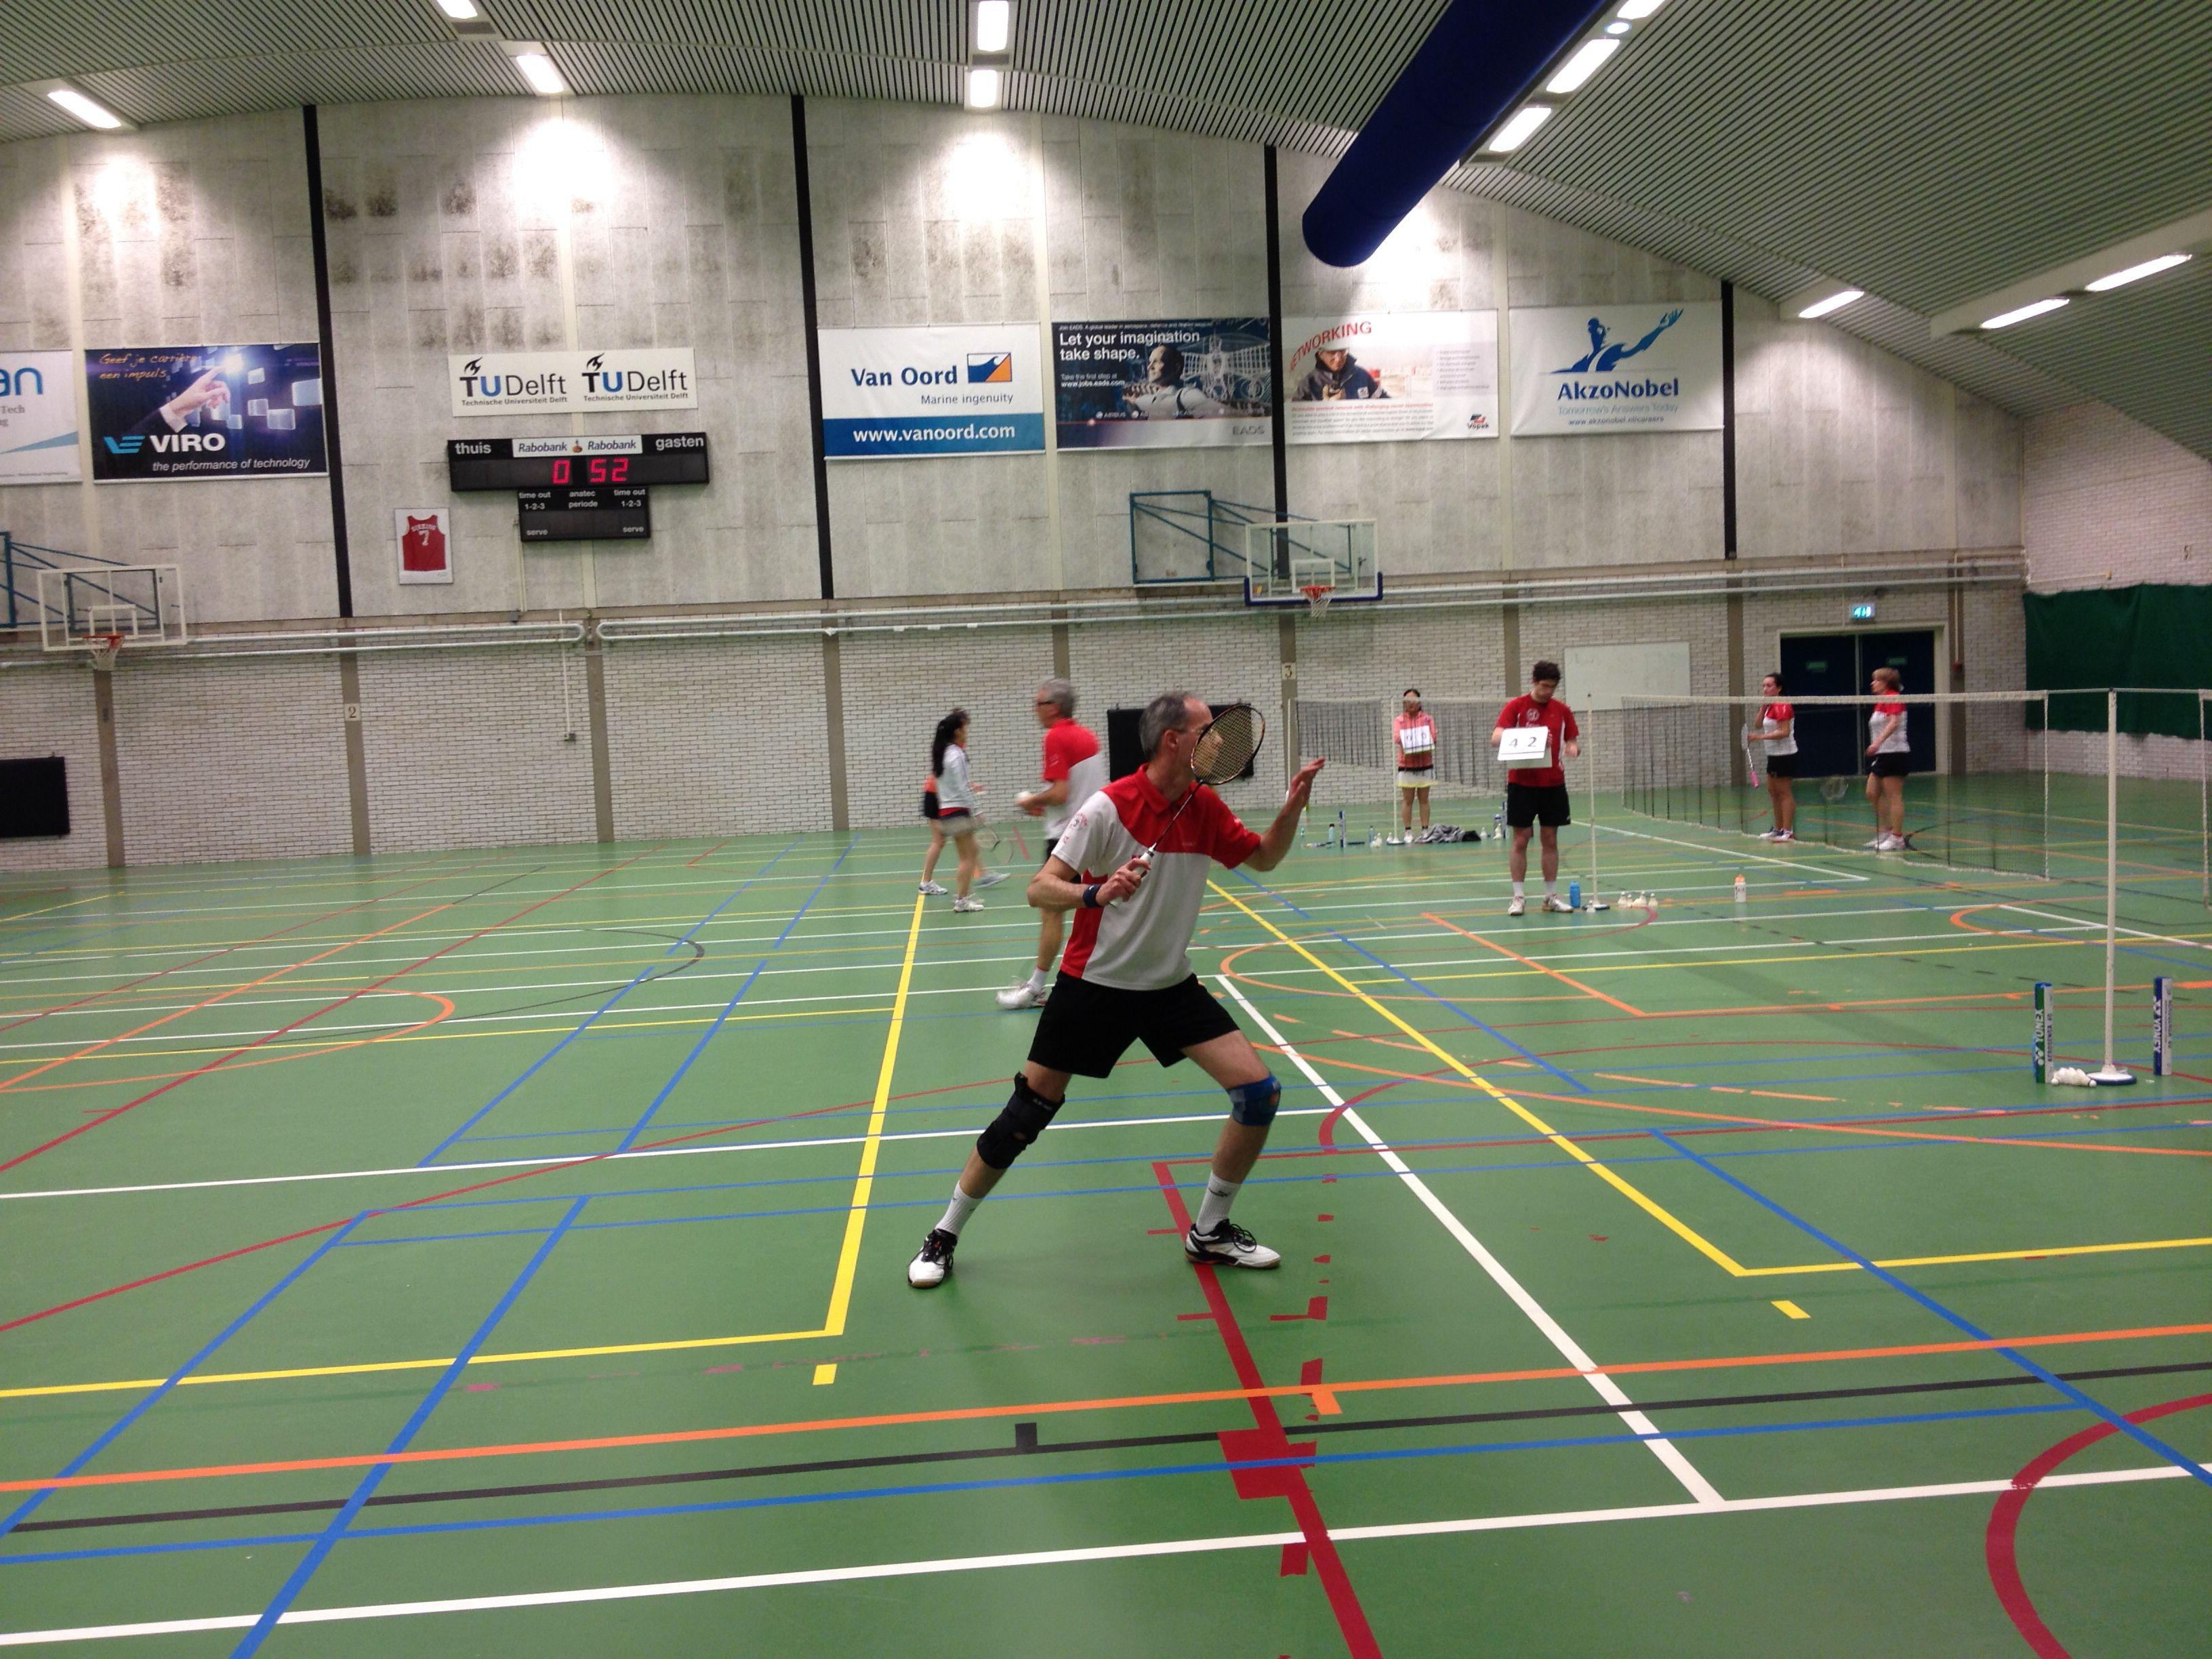 Competitie wedstrijd tegen USSR Delft